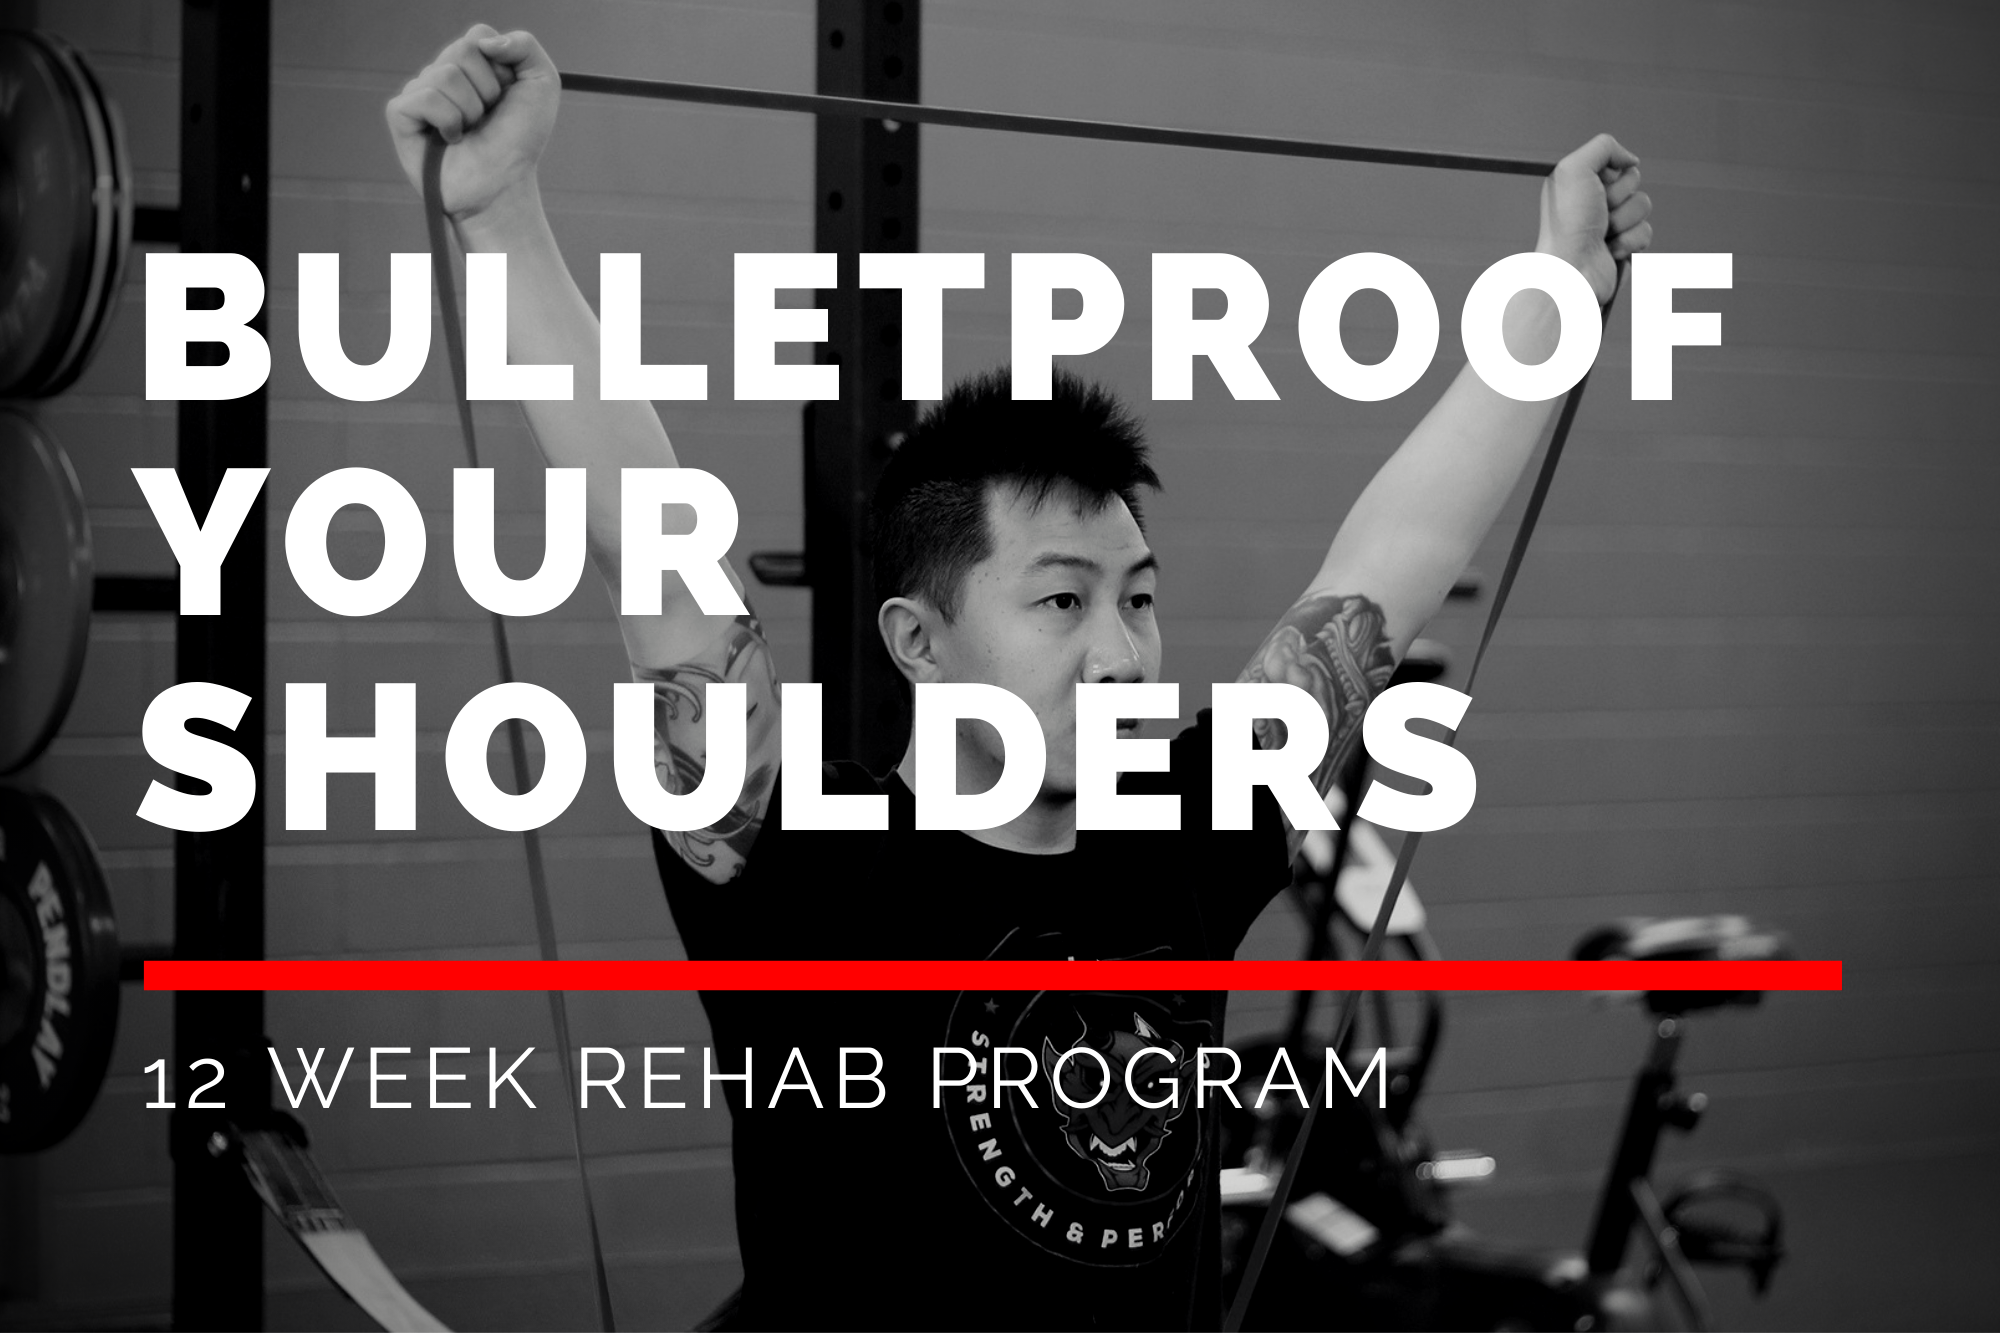 Bulletproof your Shoulders